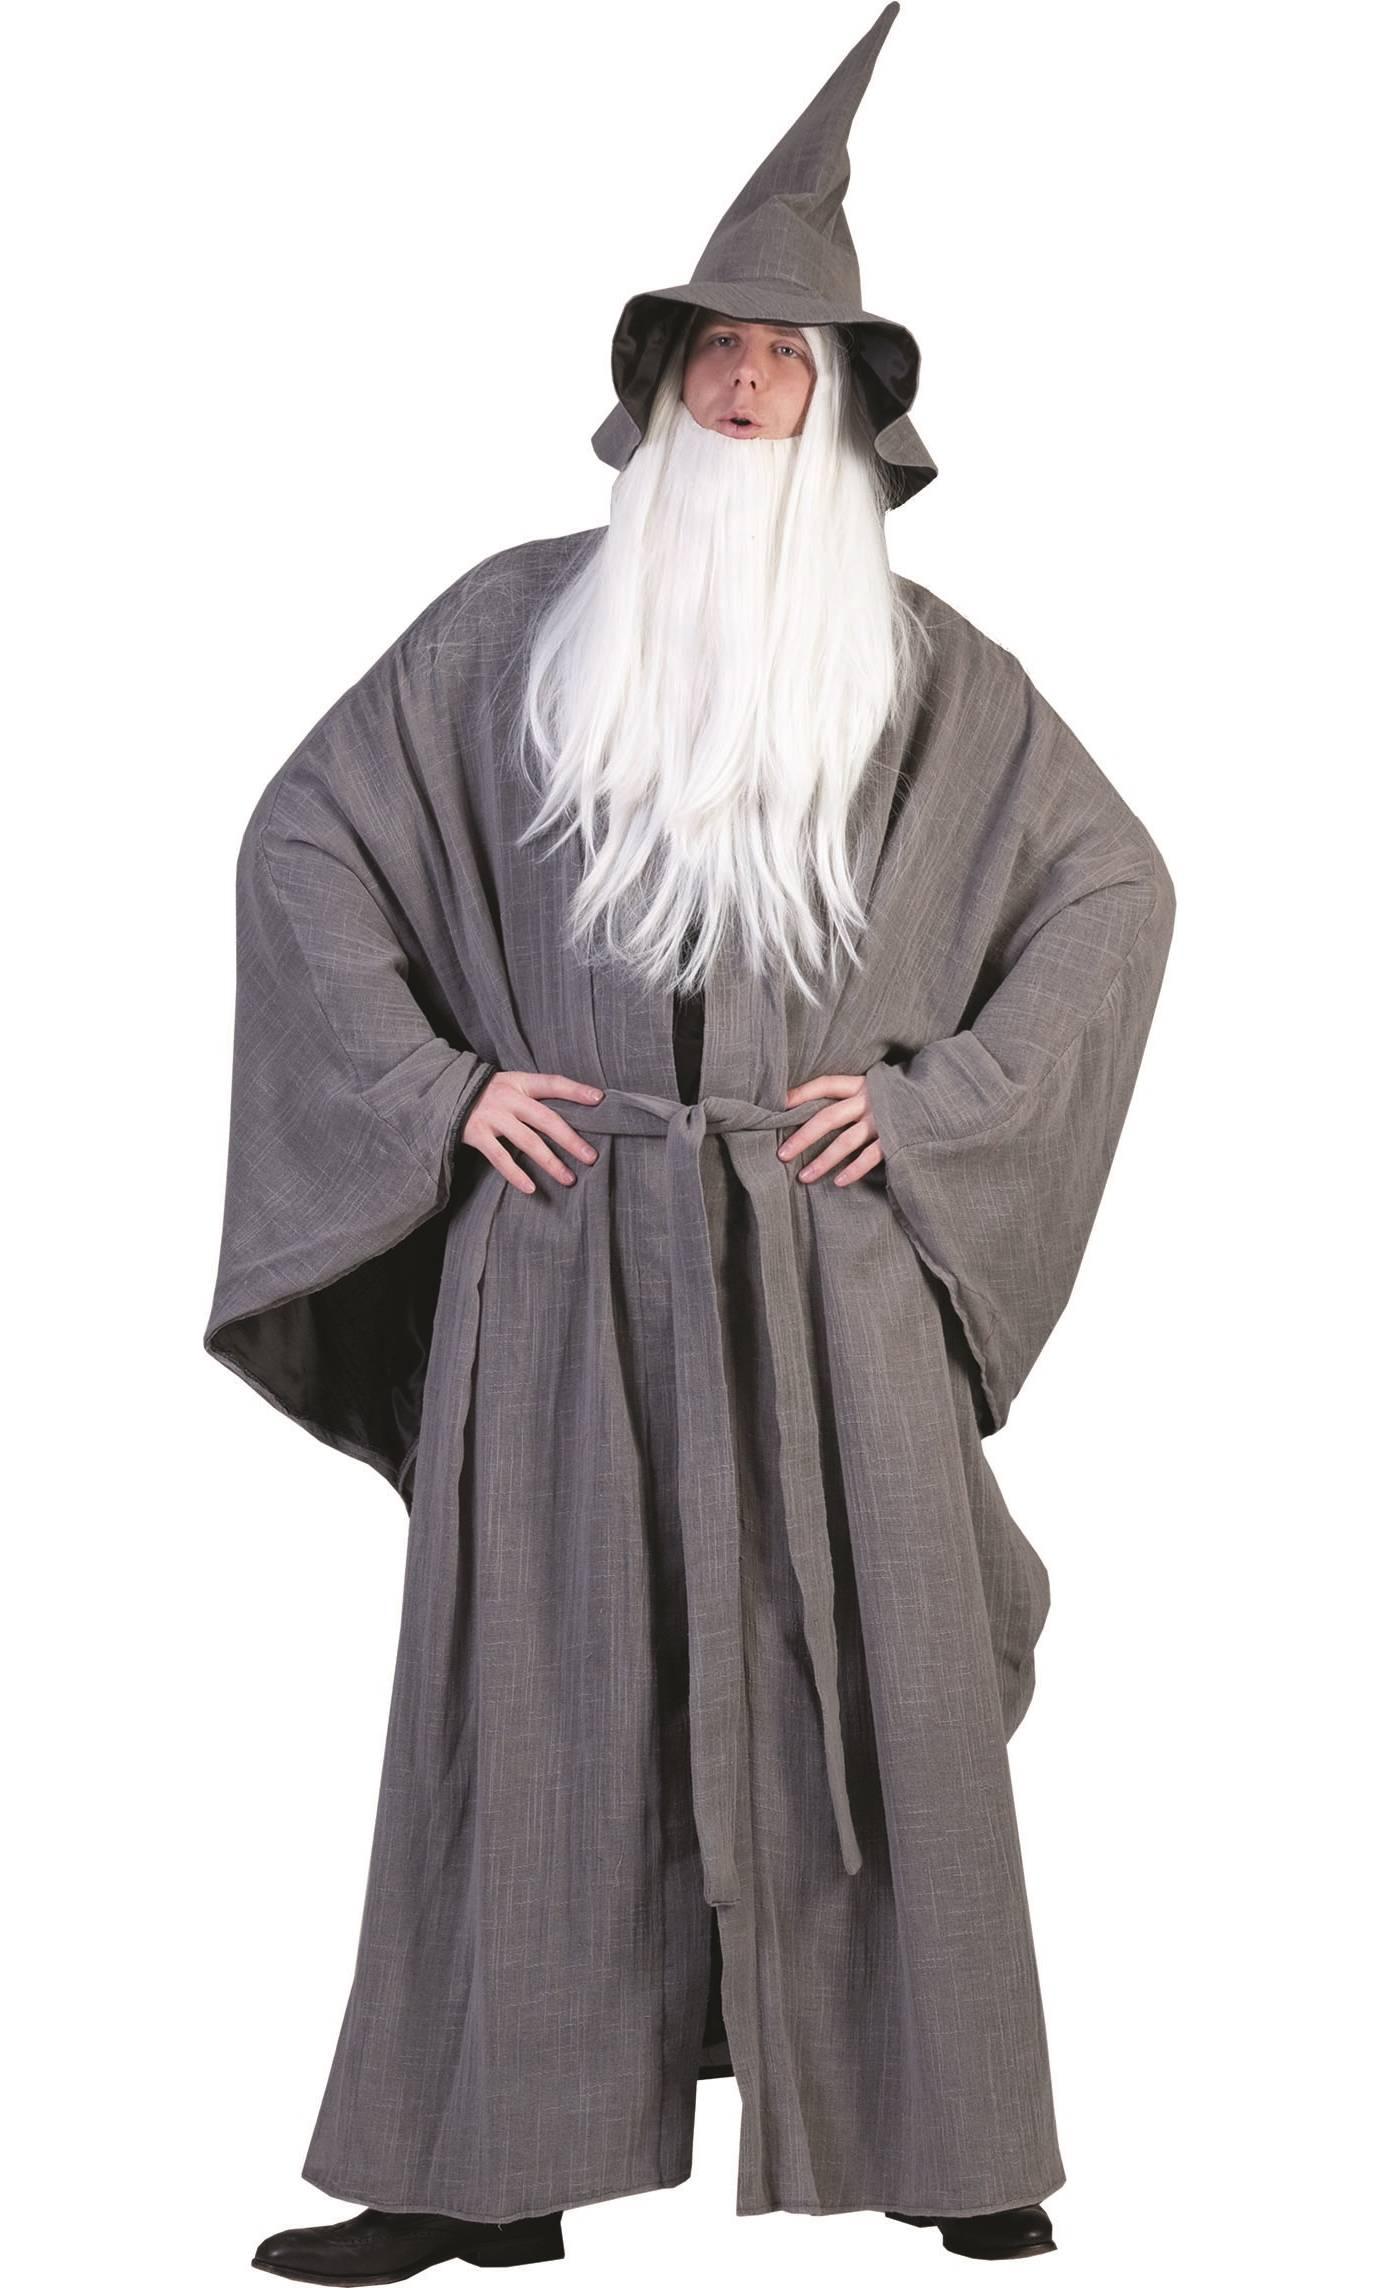 Costume-Sorcier-Adulte